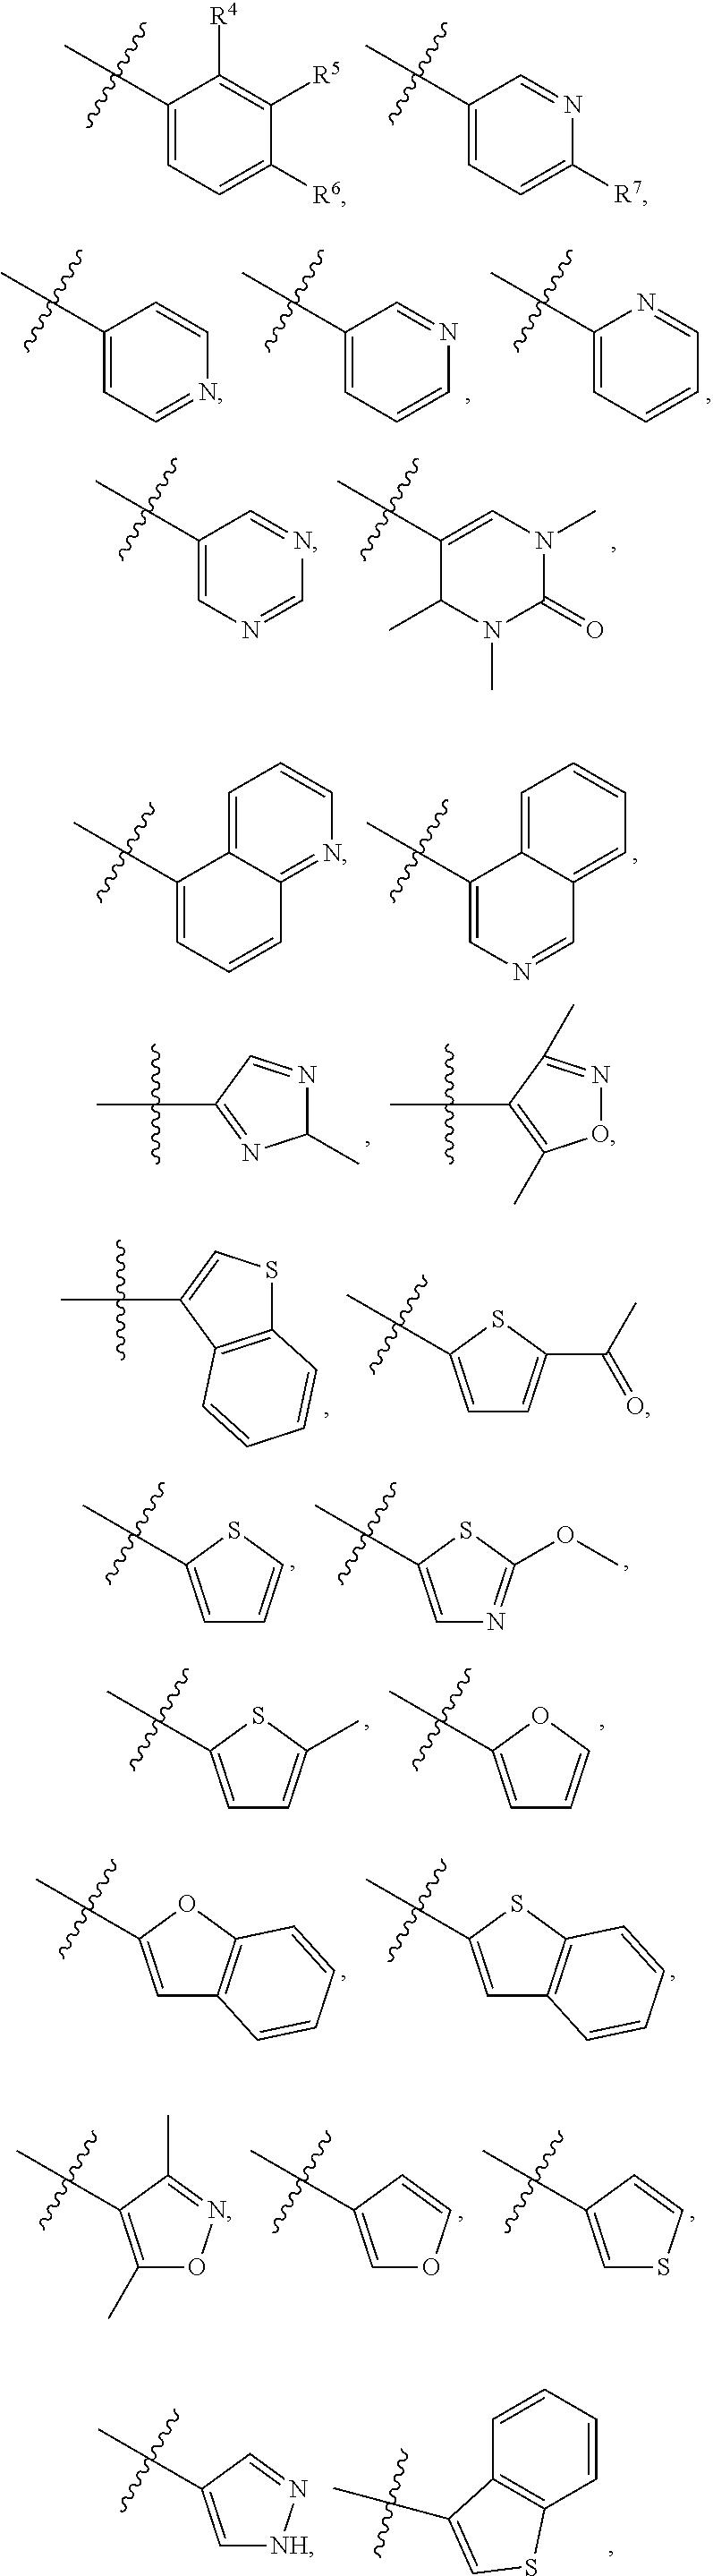 Figure US20110065162A1-20110317-C00088